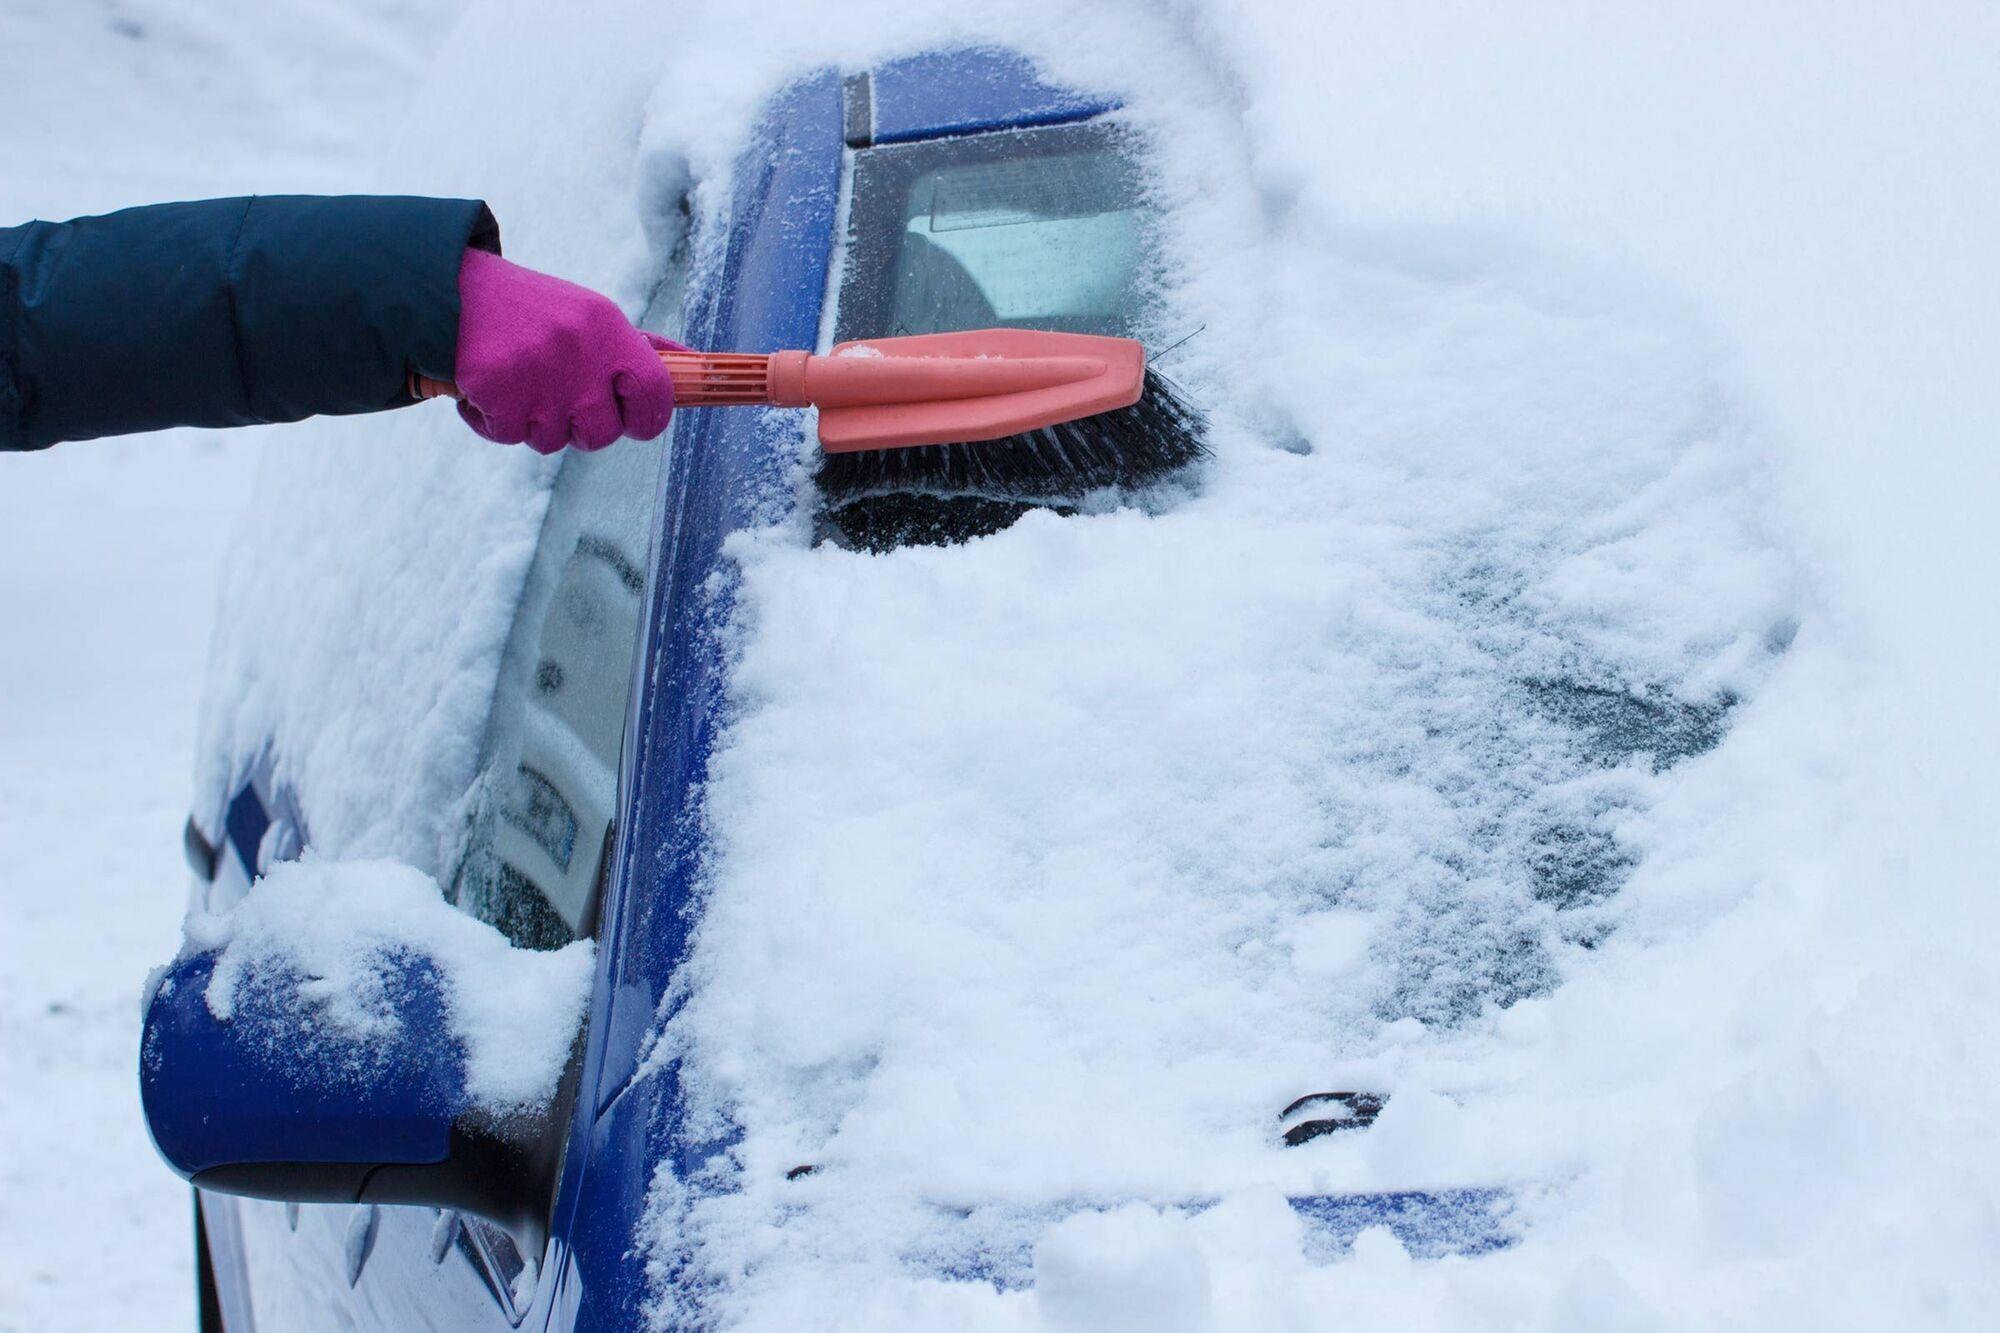 Обязательно наденьте теплые перчатки или рукавицы